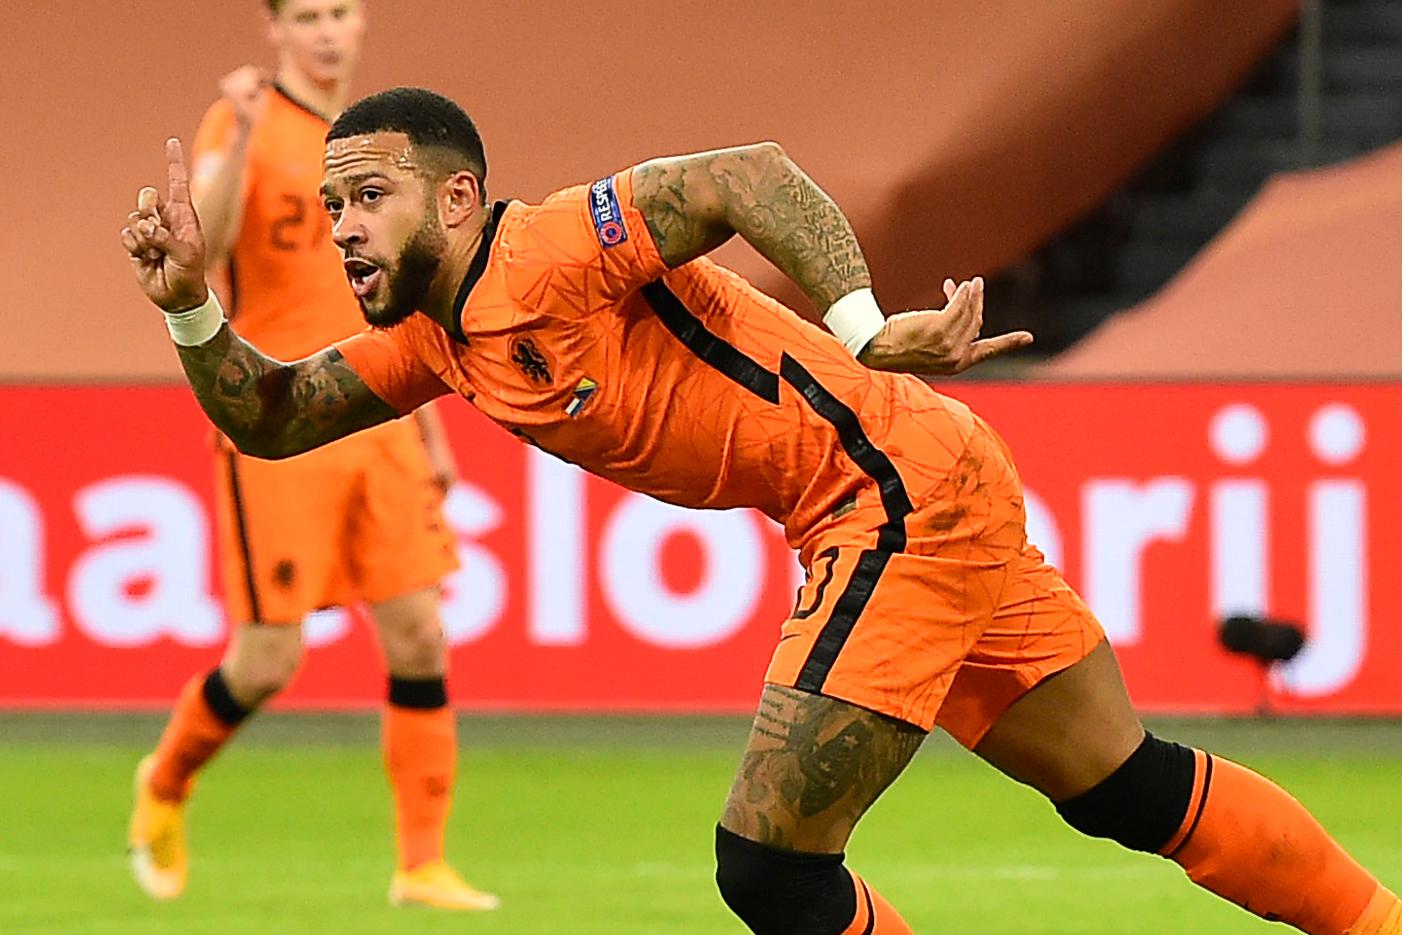 PK kvalifikācija: Latvijas futbola izlasei pretī stāsies Nīderlande, Turcija un Norvēģija